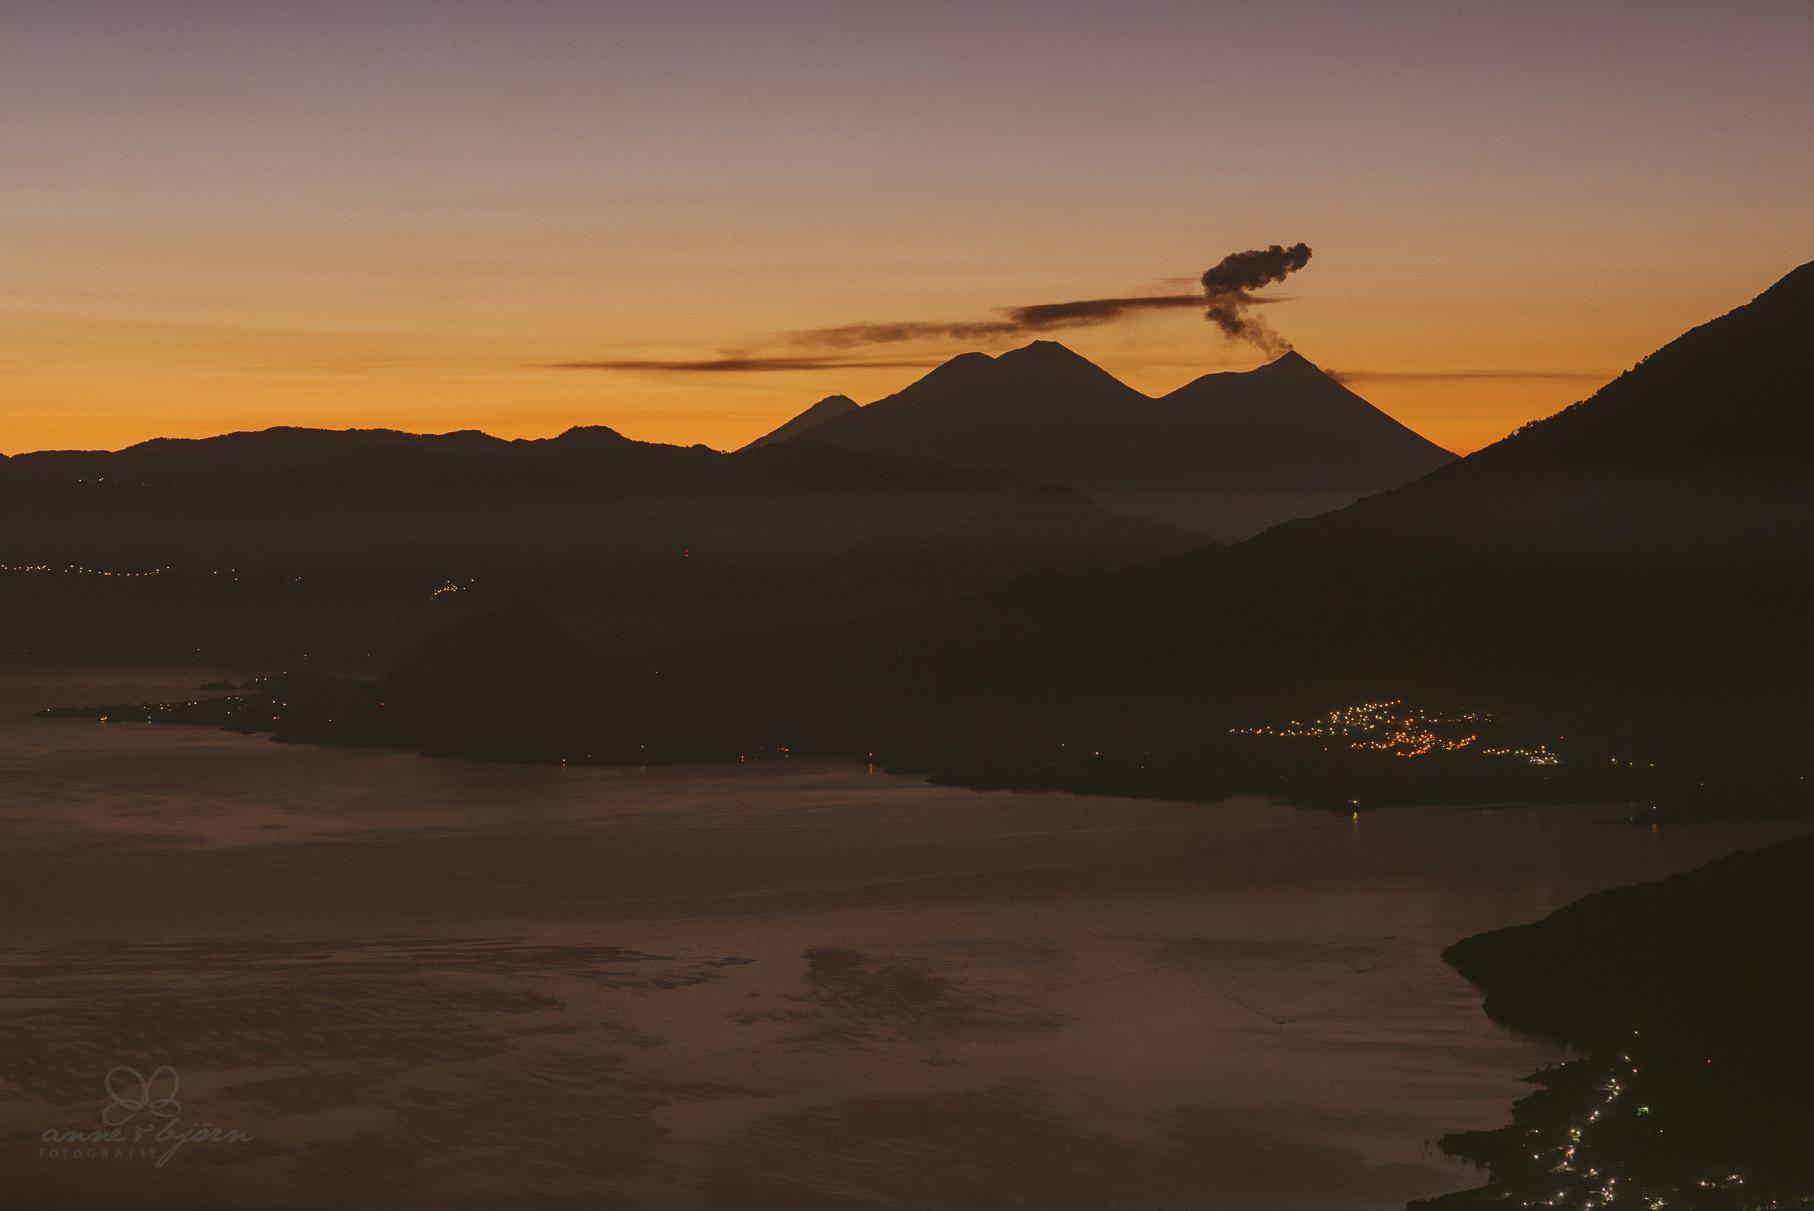 0158 anne und bjoern guatemala 811 3512 - 4 Wochen durch Guatemala - backpacking durch Mittelamerika